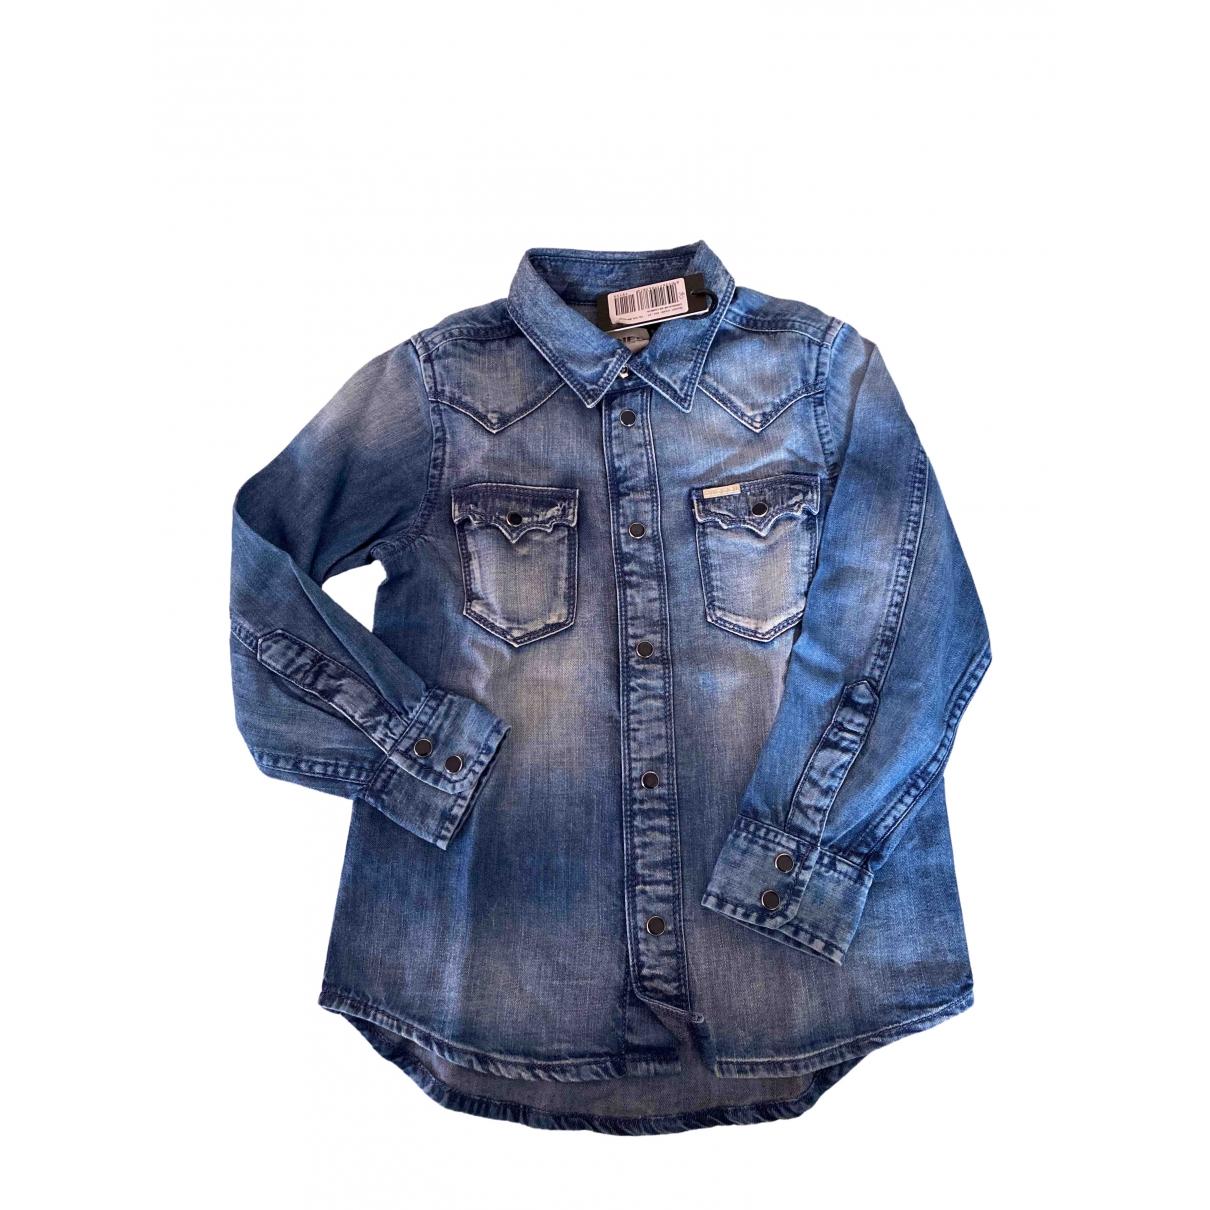 Diesel \N Blue Denim - Jeans  top for Kids 4 years - until 40 inches UK